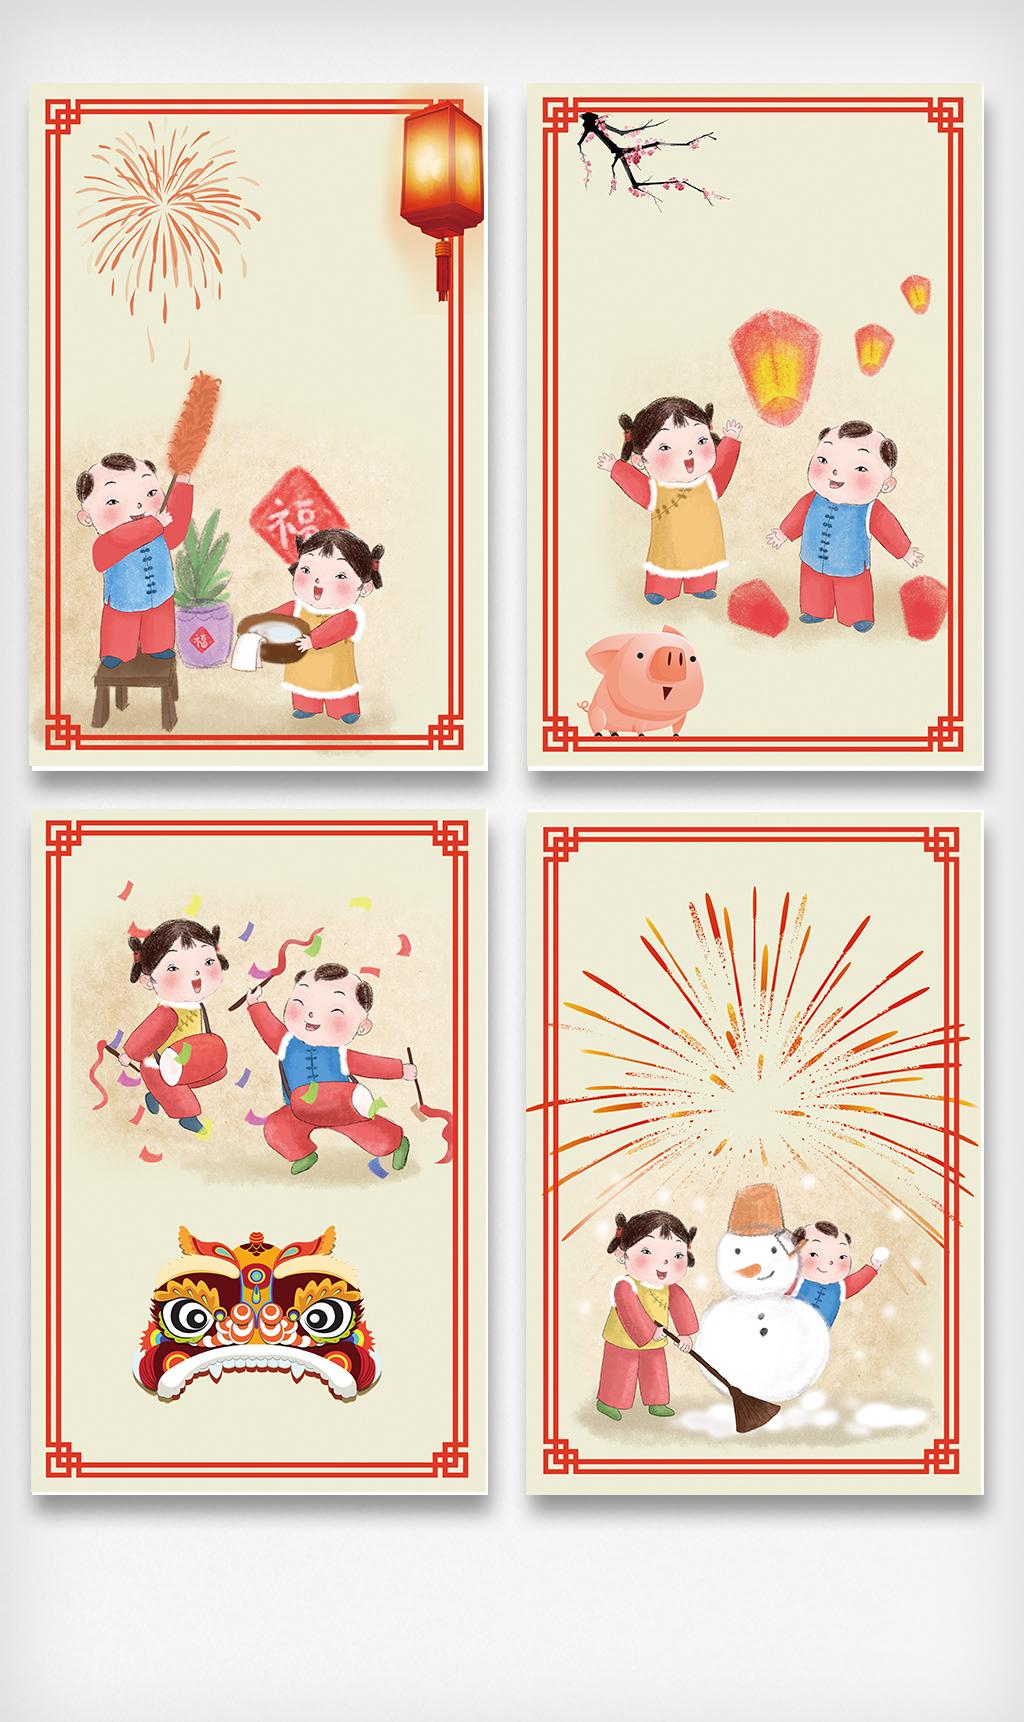 原创设计手绘卡通新年快乐海报背景元素